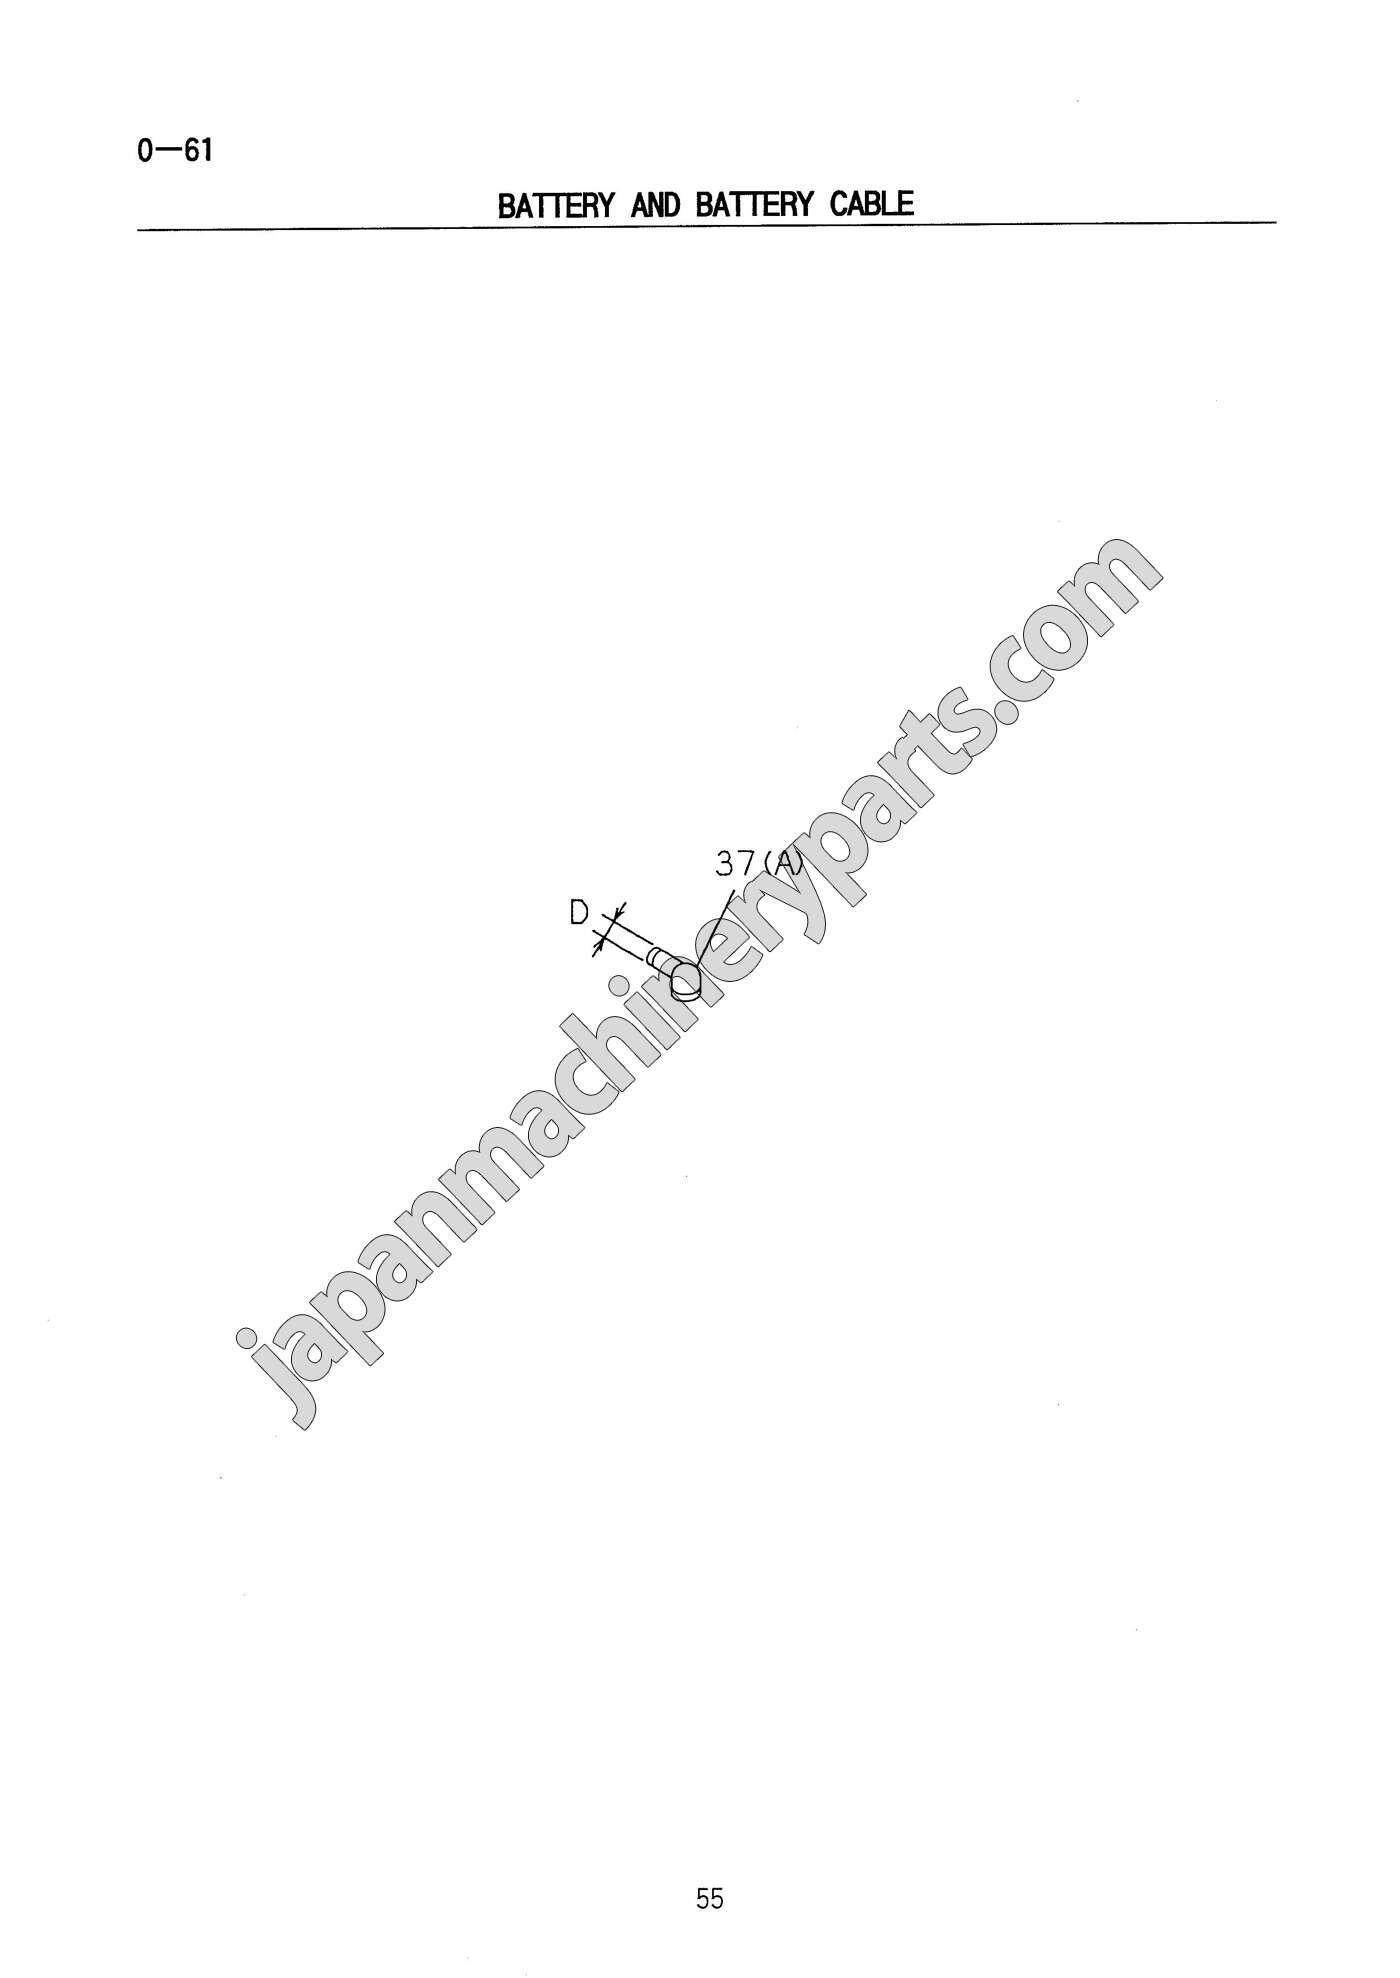 Parts for KOBELCO 4JB1 (KOBELCO SK60) on international wiring diagrams, chevrolet wiring diagrams, jlg wiring diagrams, hyundai wiring diagrams, volkswagen wiring diagrams, new holland wiring diagrams, link belt wiring diagrams, mustang wiring diagrams, cat wiring diagrams, lull wiring diagrams, mitsubishi wiring diagrams, chrysler wiring diagrams, ingersoll rand wiring diagrams, thomas wiring diagrams, kenworth wiring diagrams, terex wiring diagrams, lincoln wiring diagrams, kaeser wiring diagrams, champion wiring diagrams, kubota wiring diagrams,